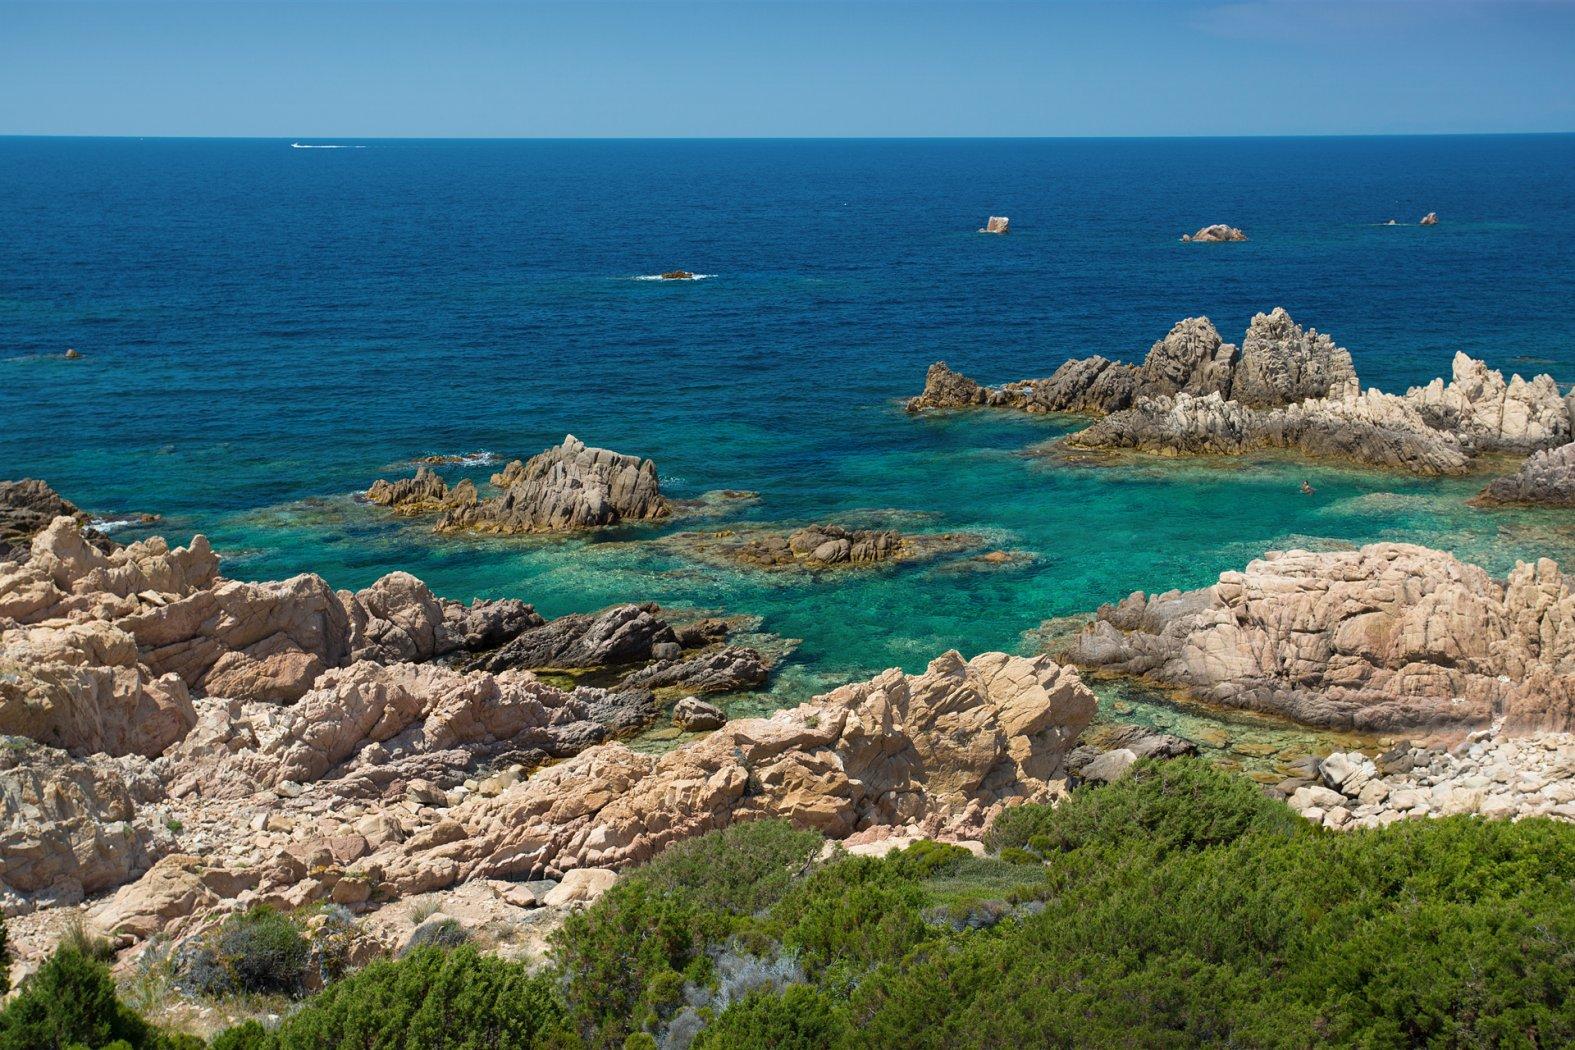 Angelplätze auf Sardinien